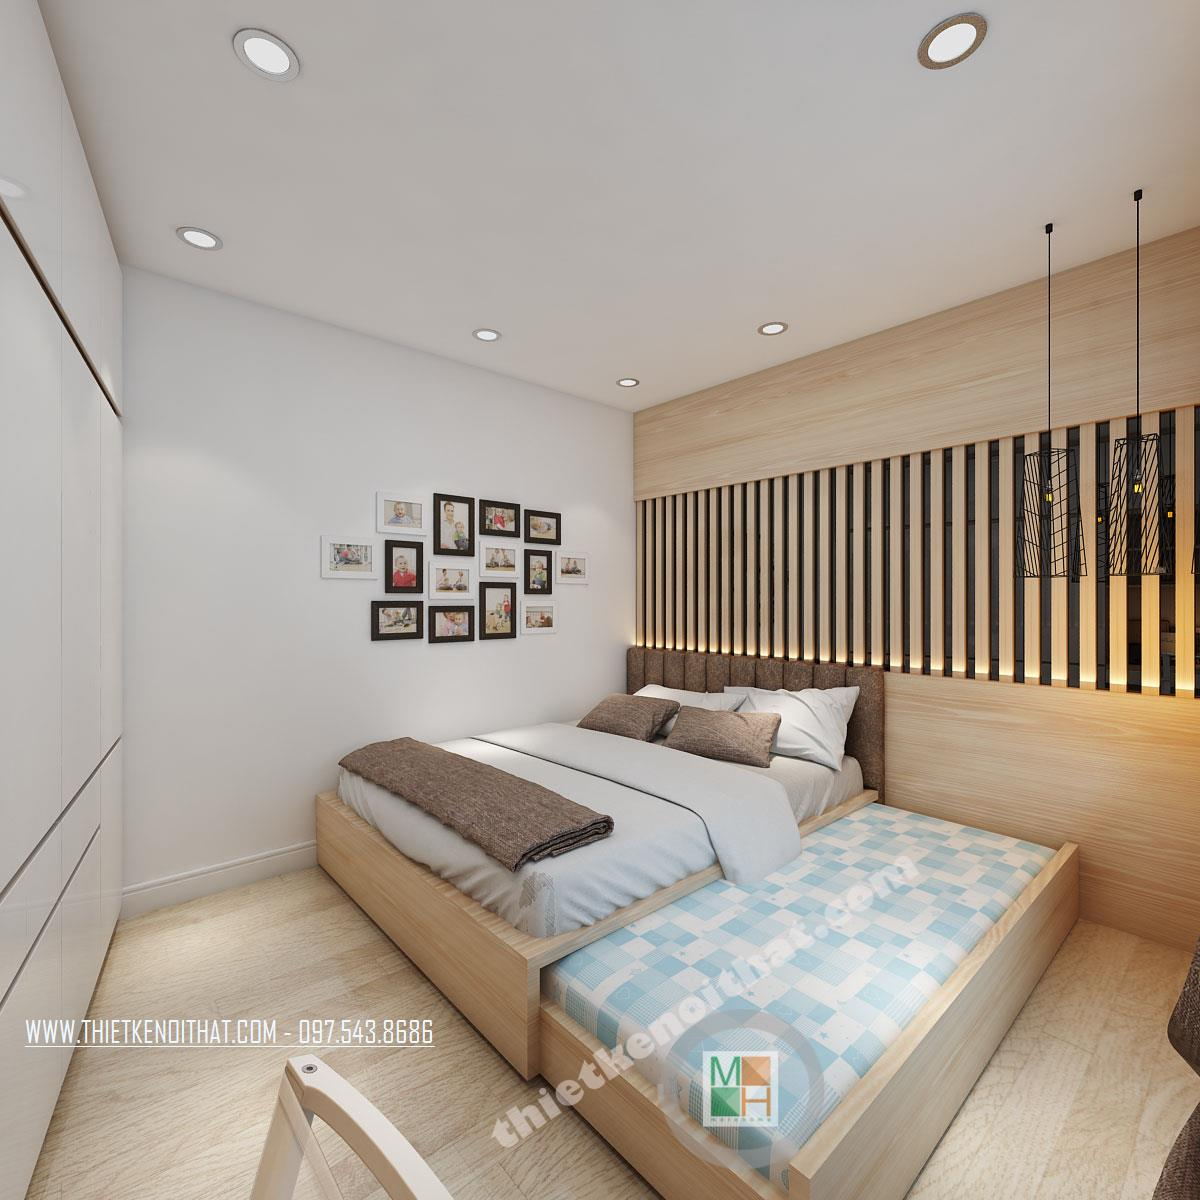 Thiết kế căn hộ chung cư nhỏ, hiện đại